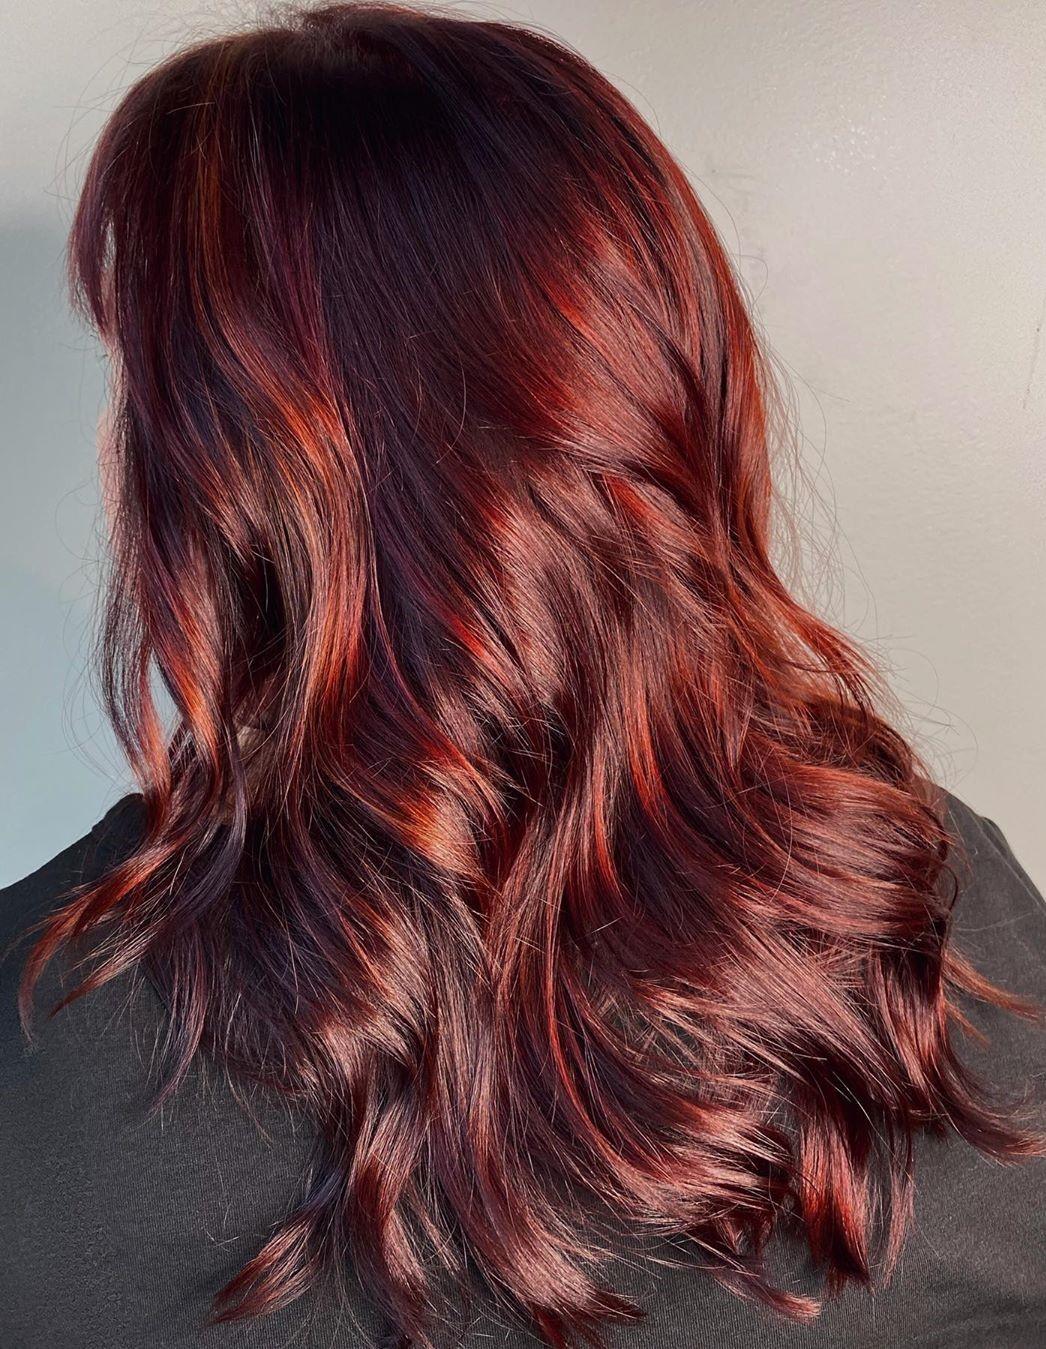 Dark Auburn Hair with Highlights